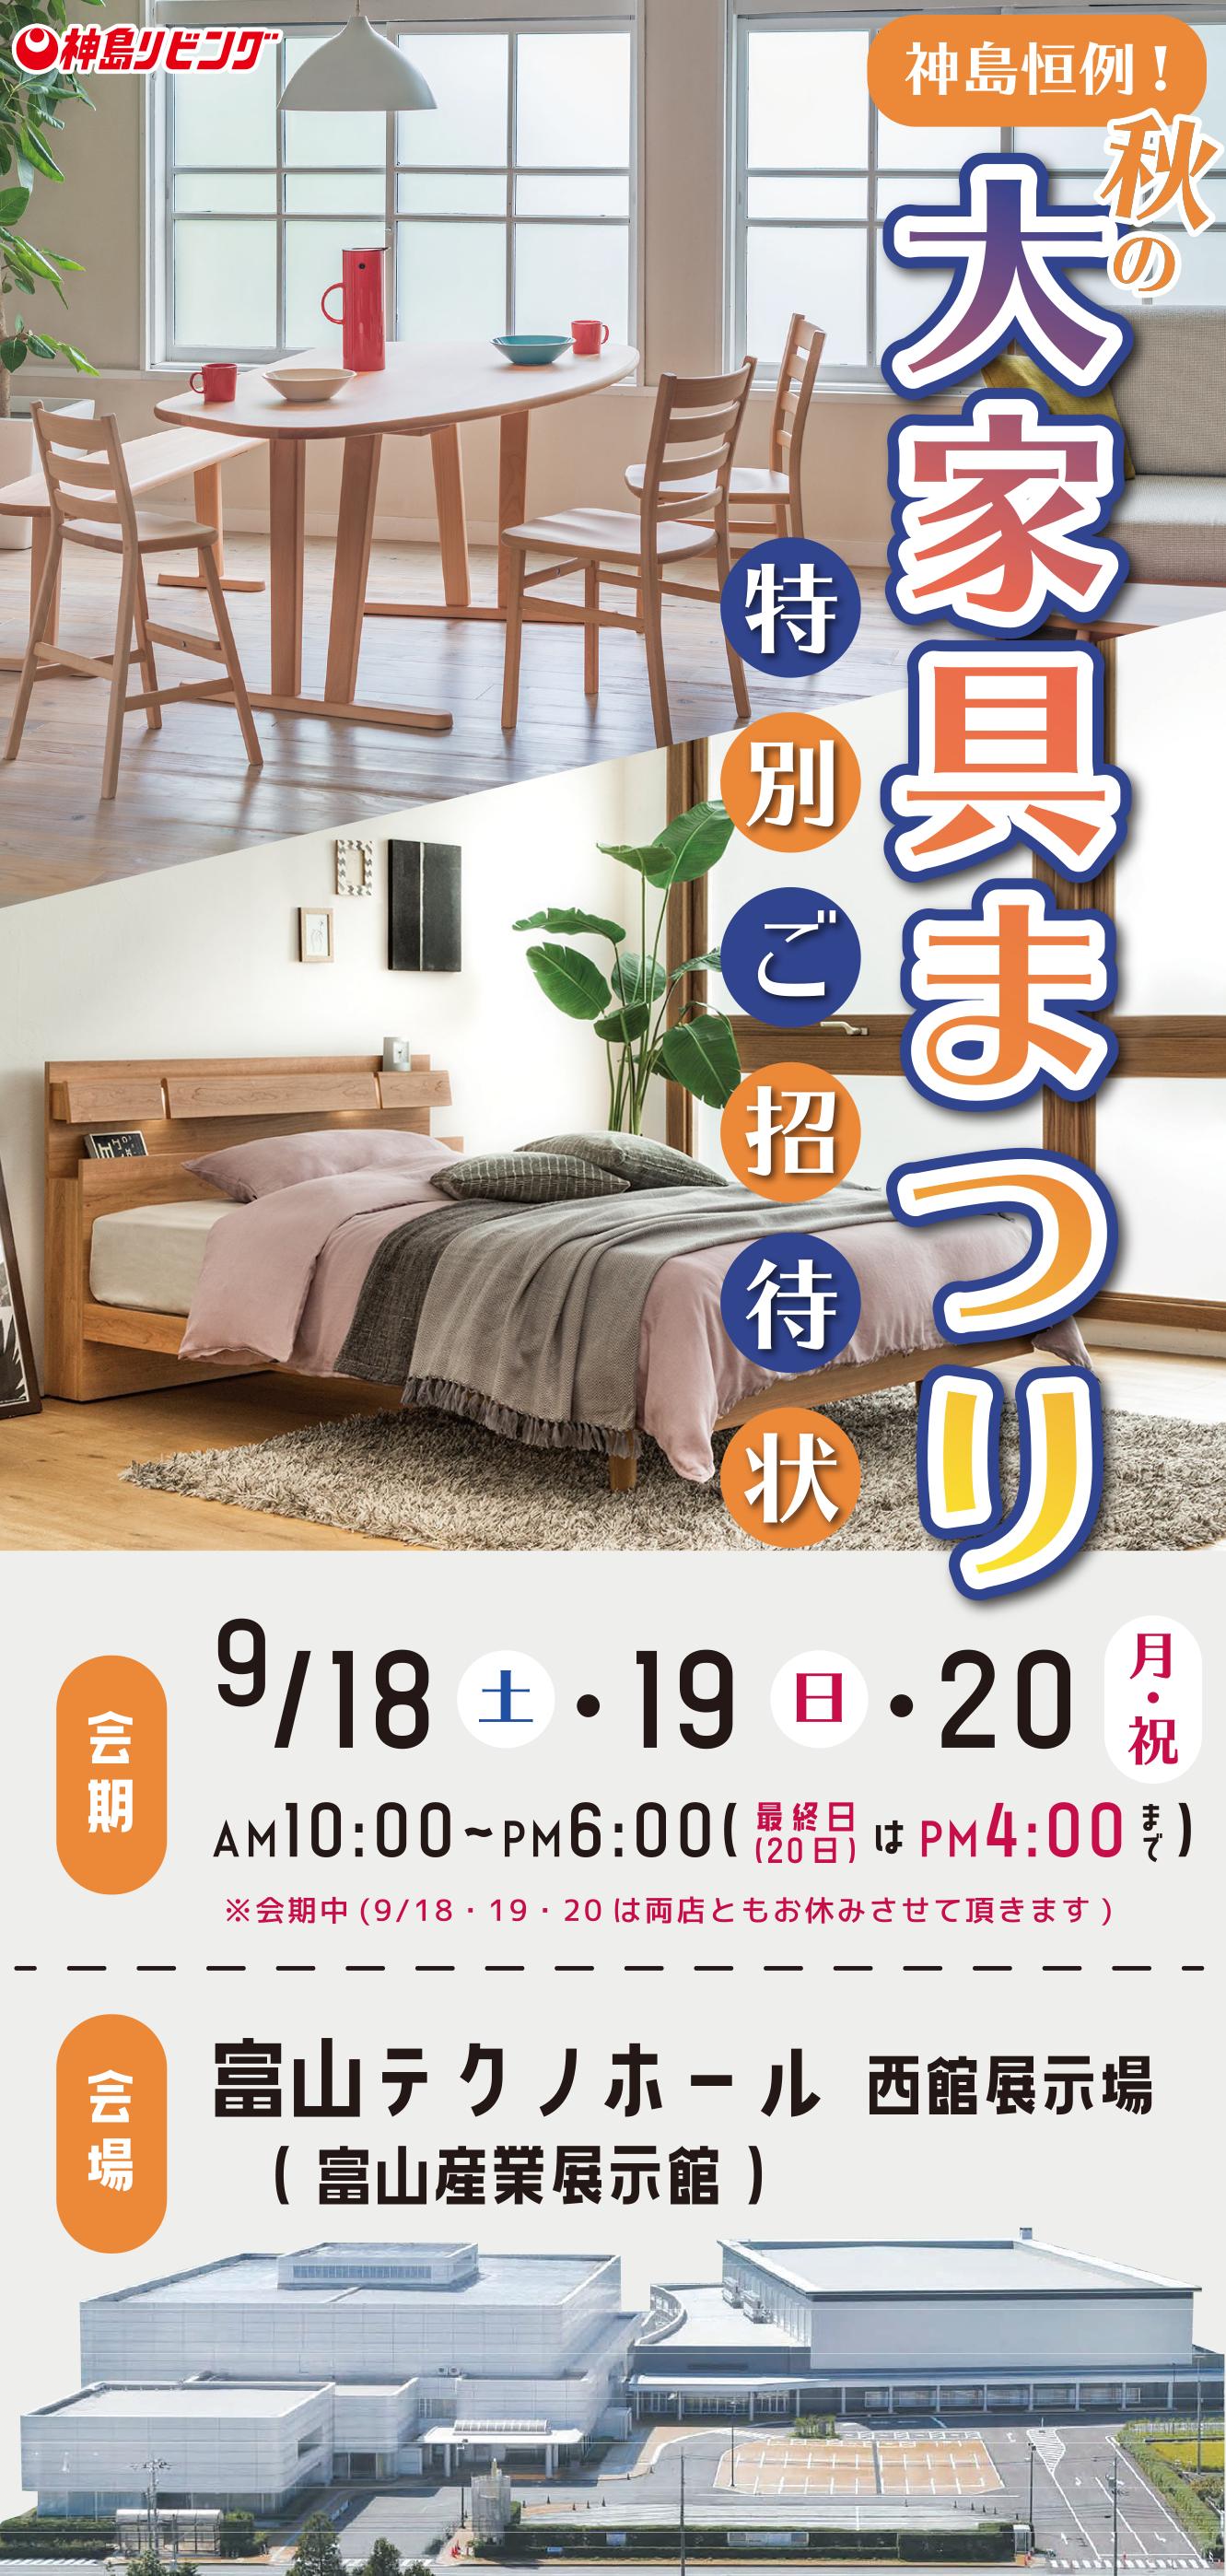 【9/20開催】大家具まつりinテクノホール